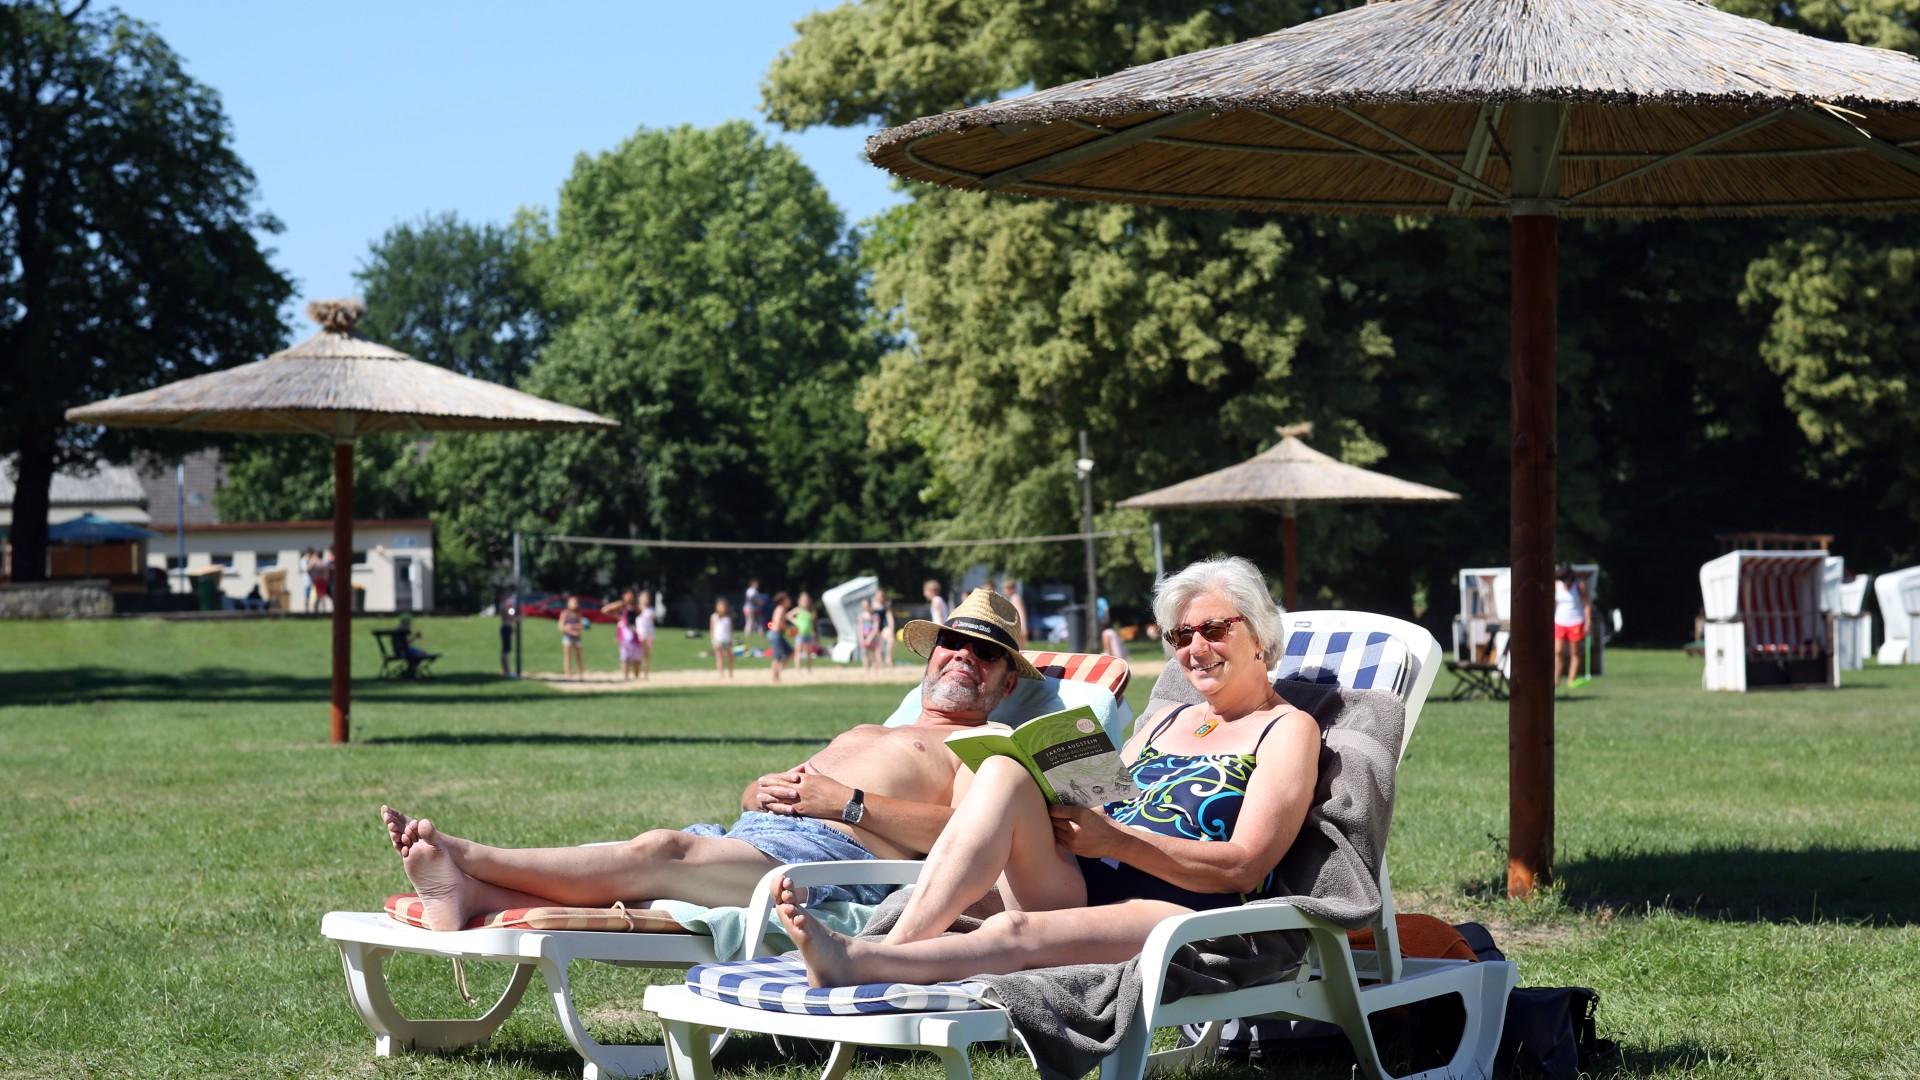 Älteres Ehepaar entspannt im Strandbad Park Babelsberg unter den großen Sonnenschirmen aus Stroh, © Kathleen Friedrich